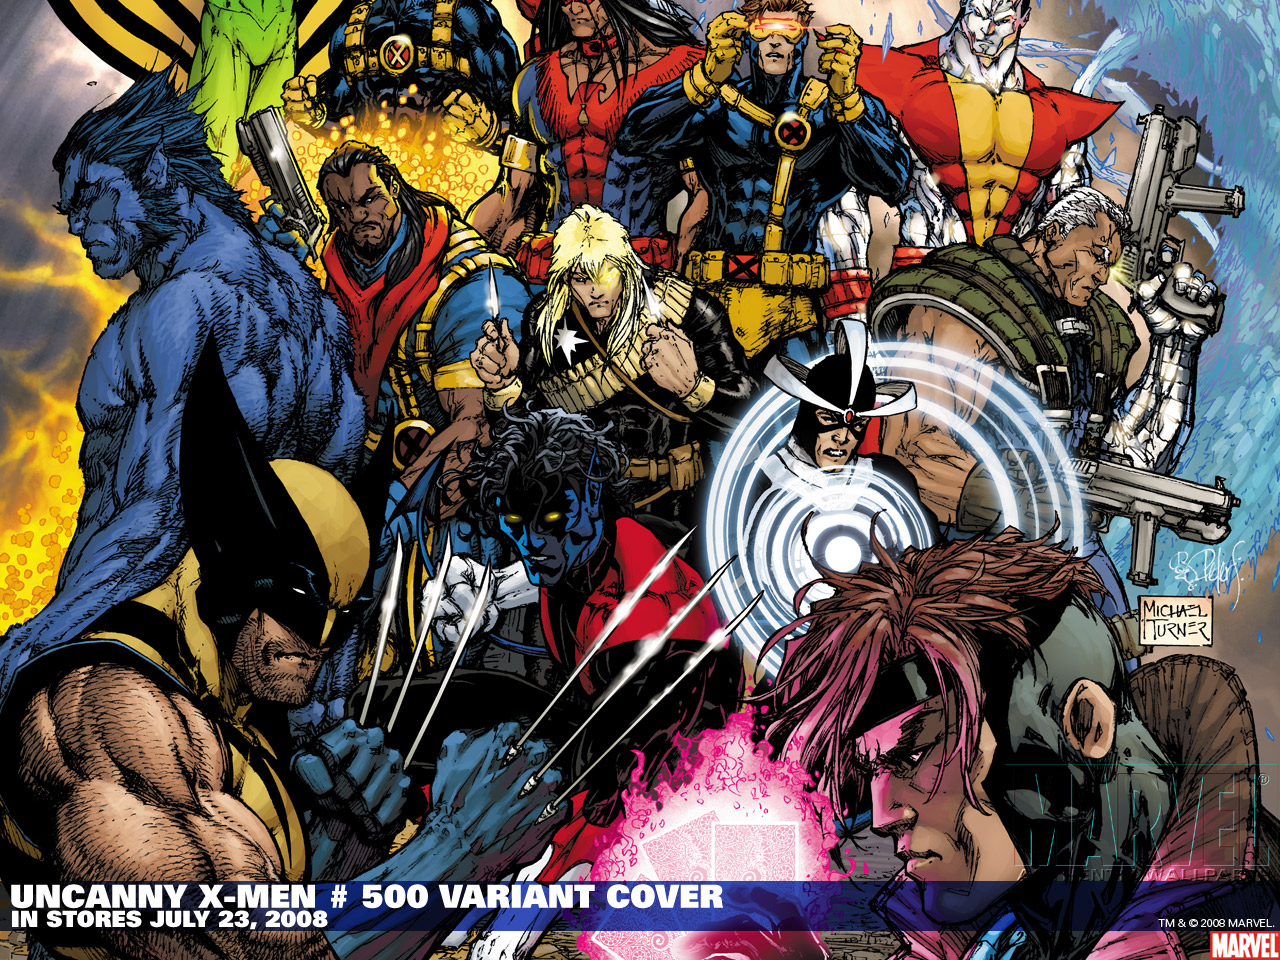 Popular Wallpaper Marvel Variant - 4be9694801df8  You Should Have_976455.jpg